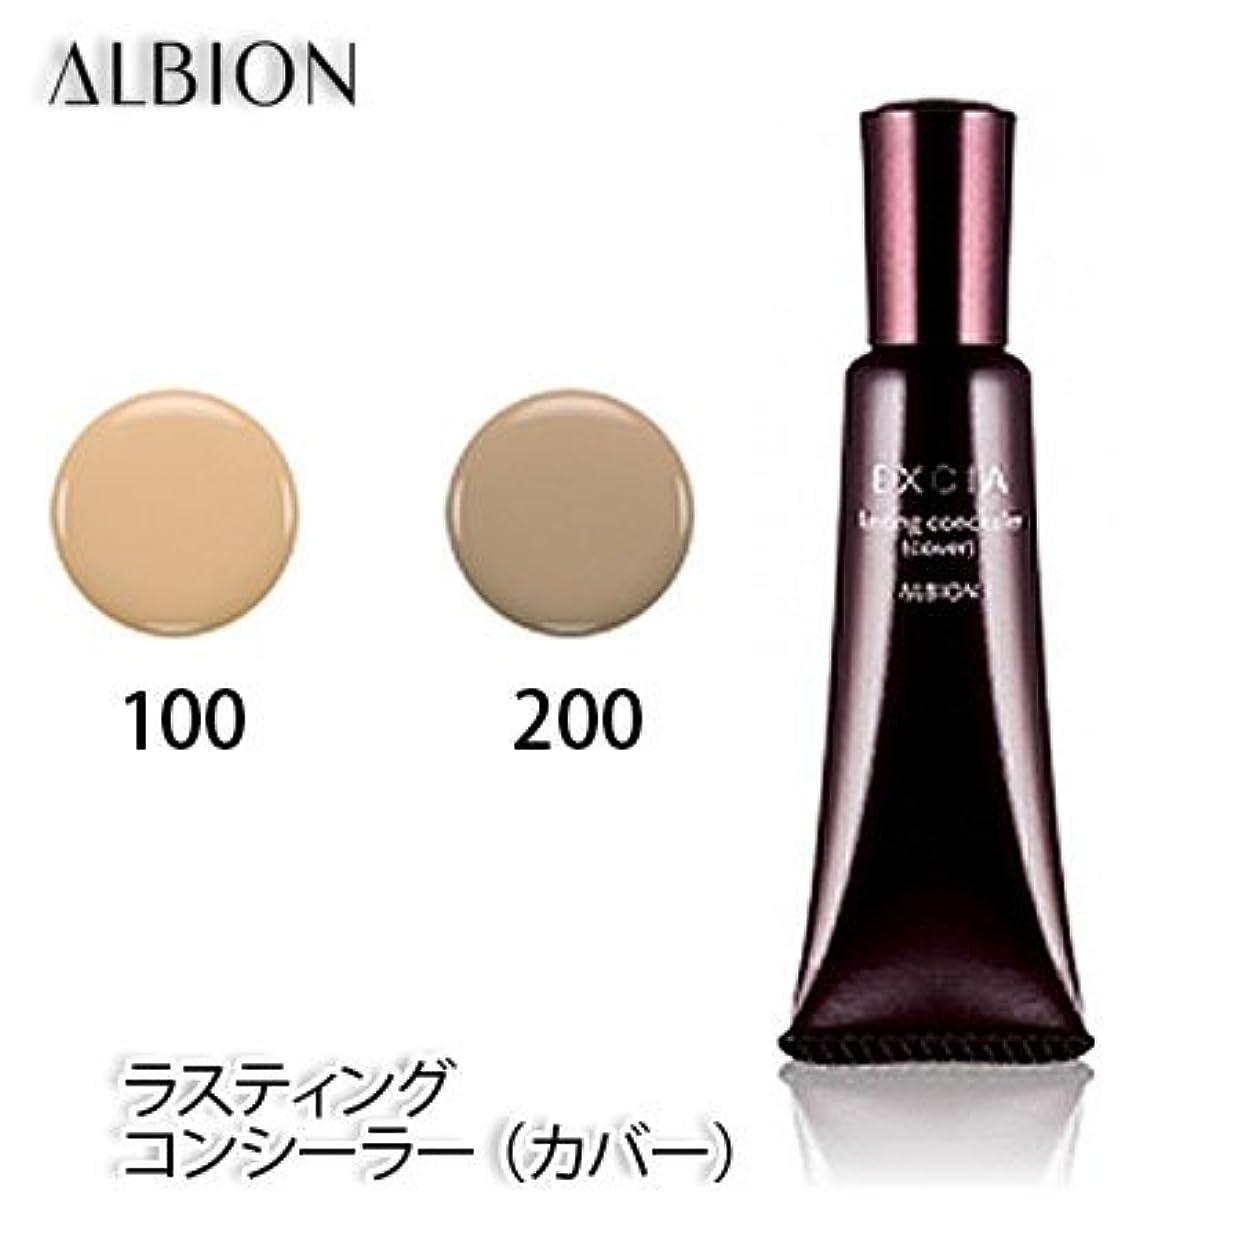 雨の付添人豊富にアルビオン エクシア AL ラスティング コンシーラー(カバー)SPF25 PA++ 15g 2色-ALBION- 200